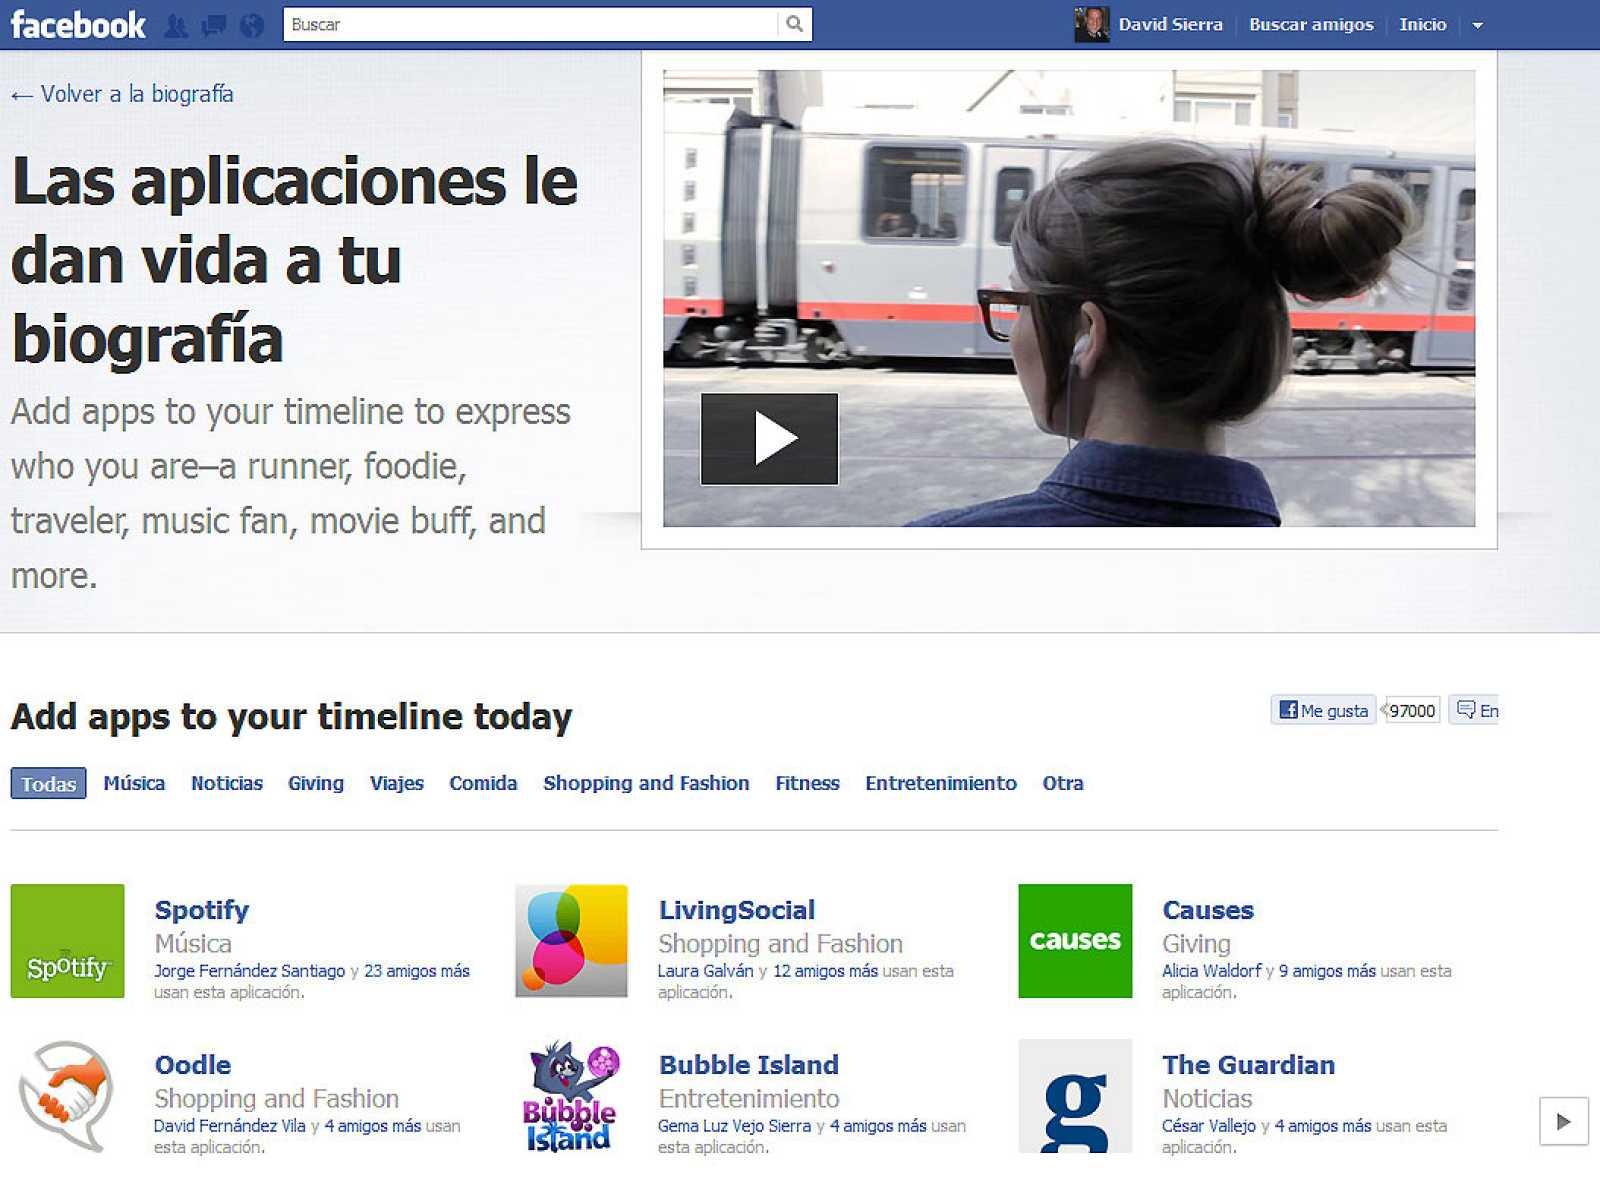 Facebook invita a los usuarios a llenar su 'Timeline' con sus actividades favoritas